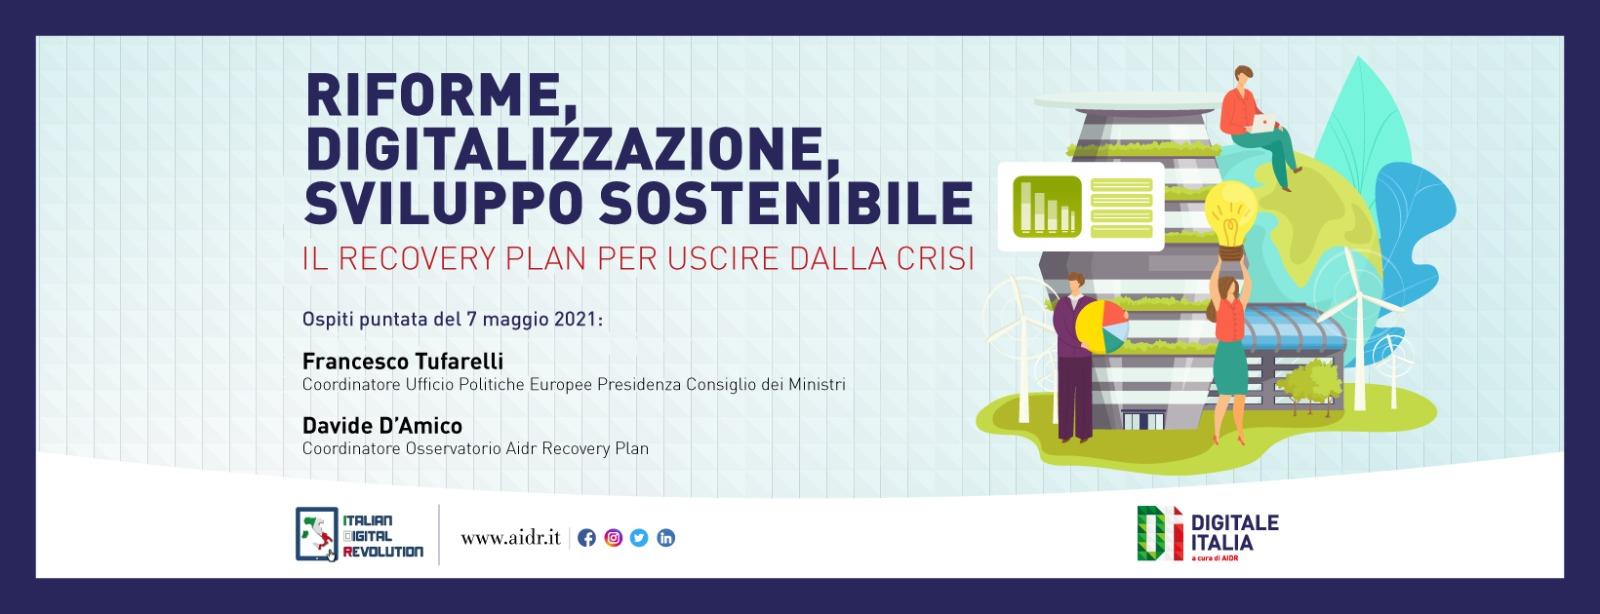 riforme-digitalizzazione-sviluppo-sostenibile-il-recovery-plan-per-uscire-dalla-crisi